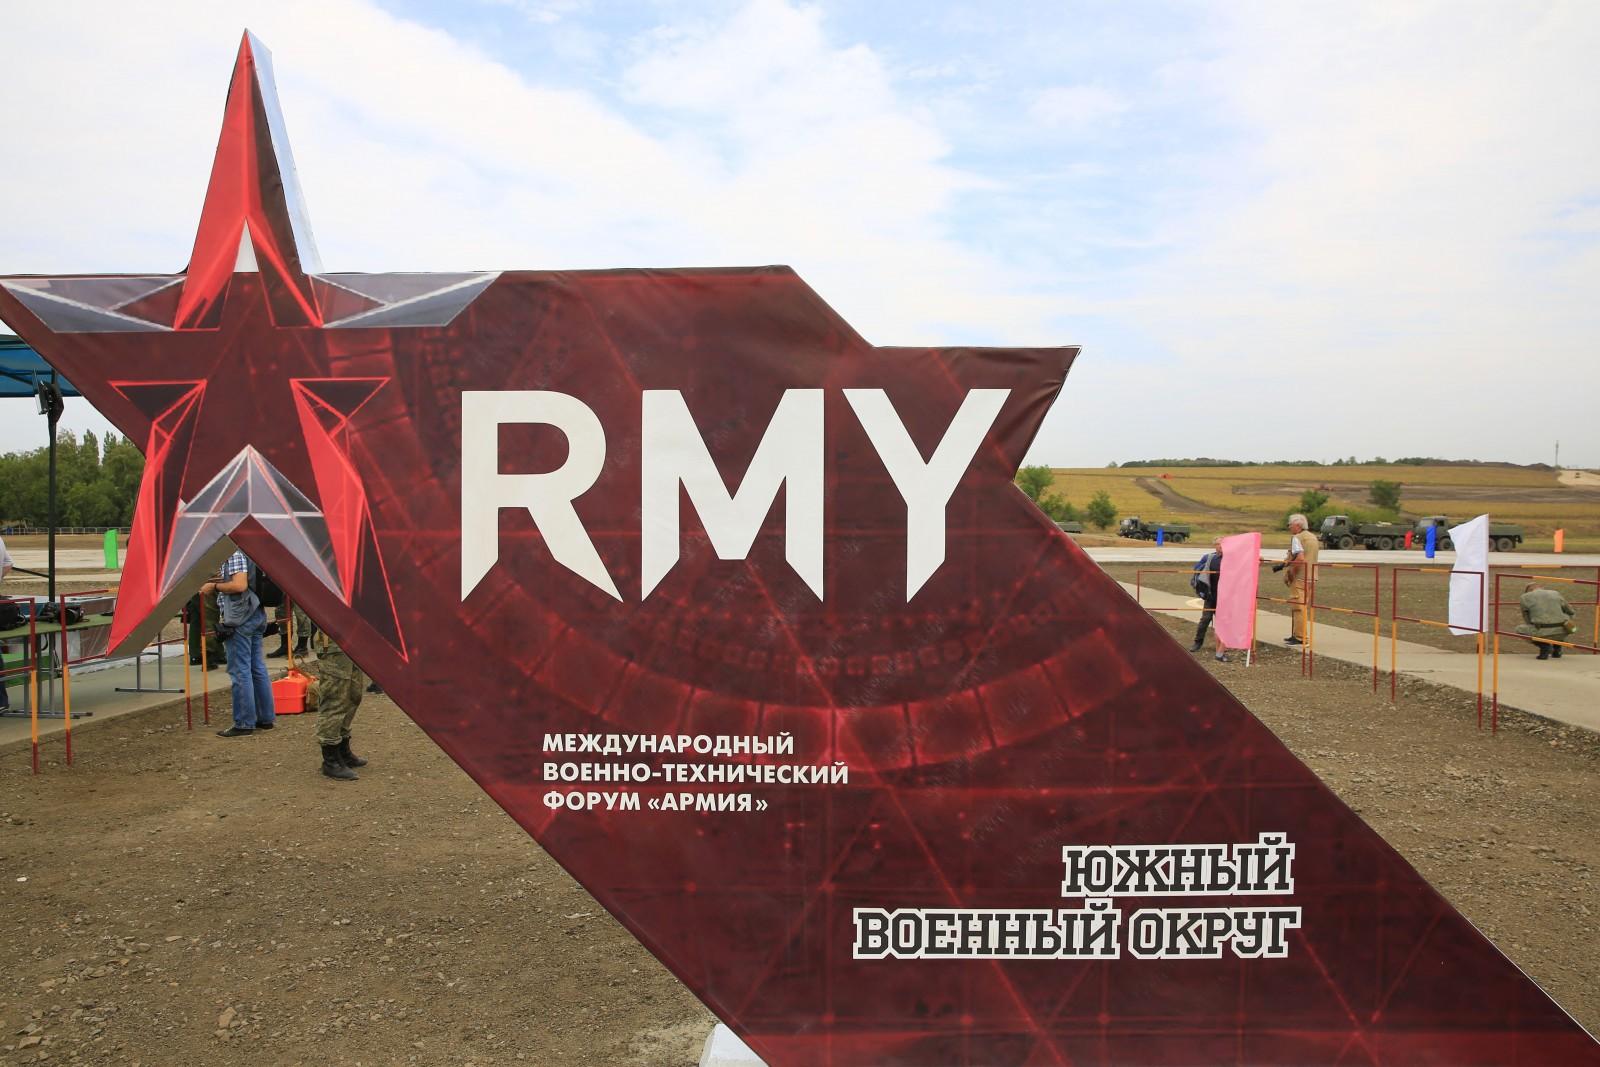 Как доехать: для гостей форума «Армия-2021» организуют транспорт